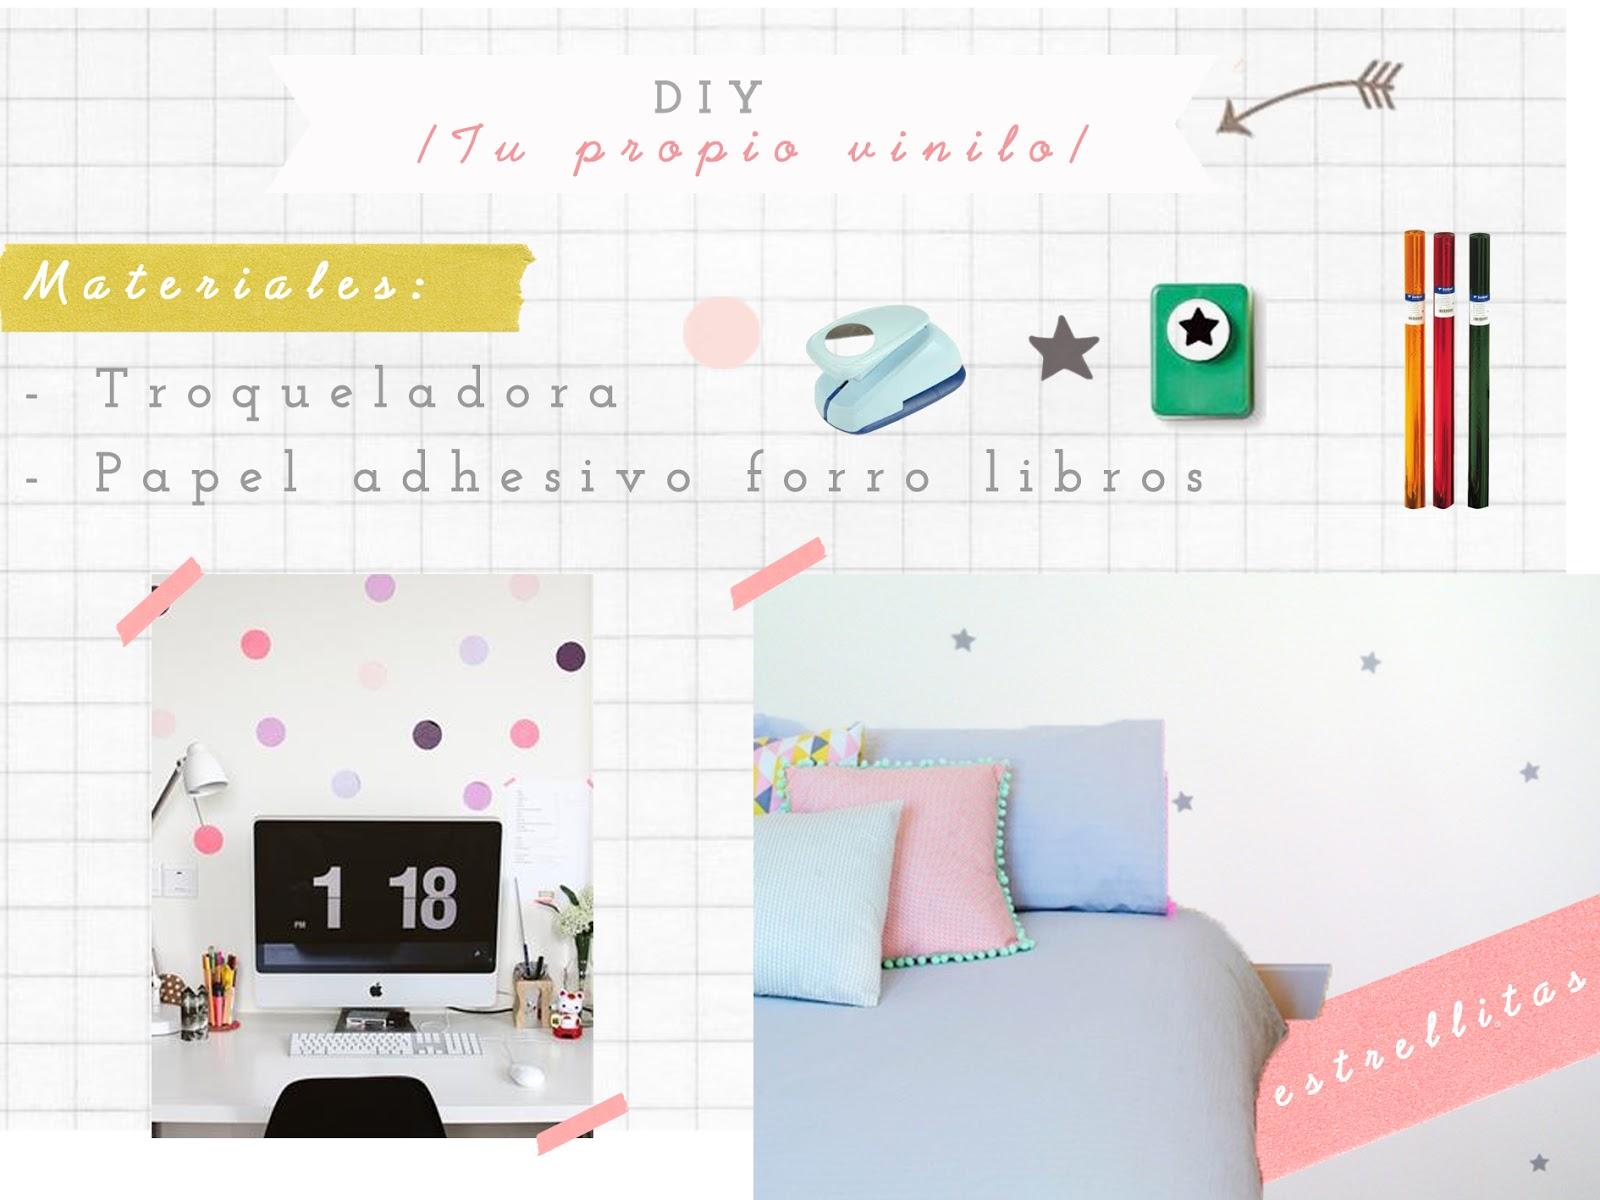 DIY - Cómo decorar una pared / naif-sss